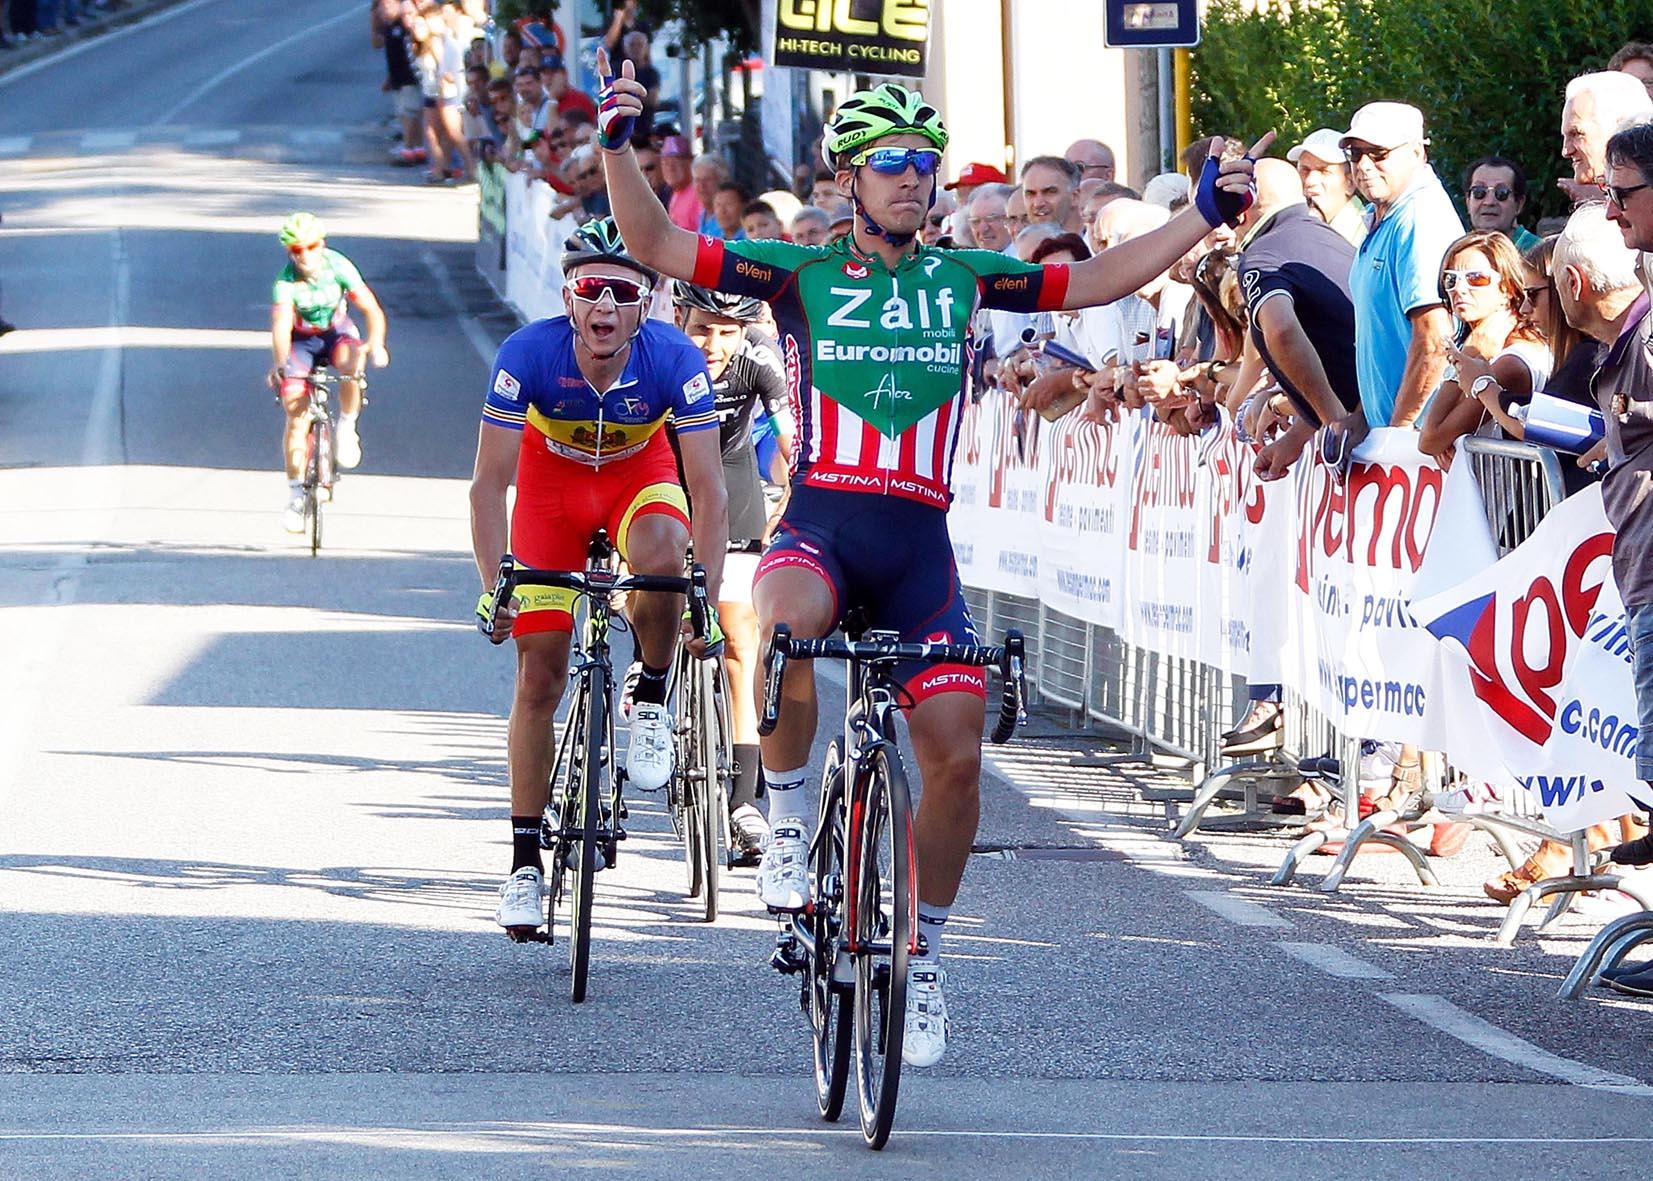 La vittoria di Nicolò Rocchi a Scomigo